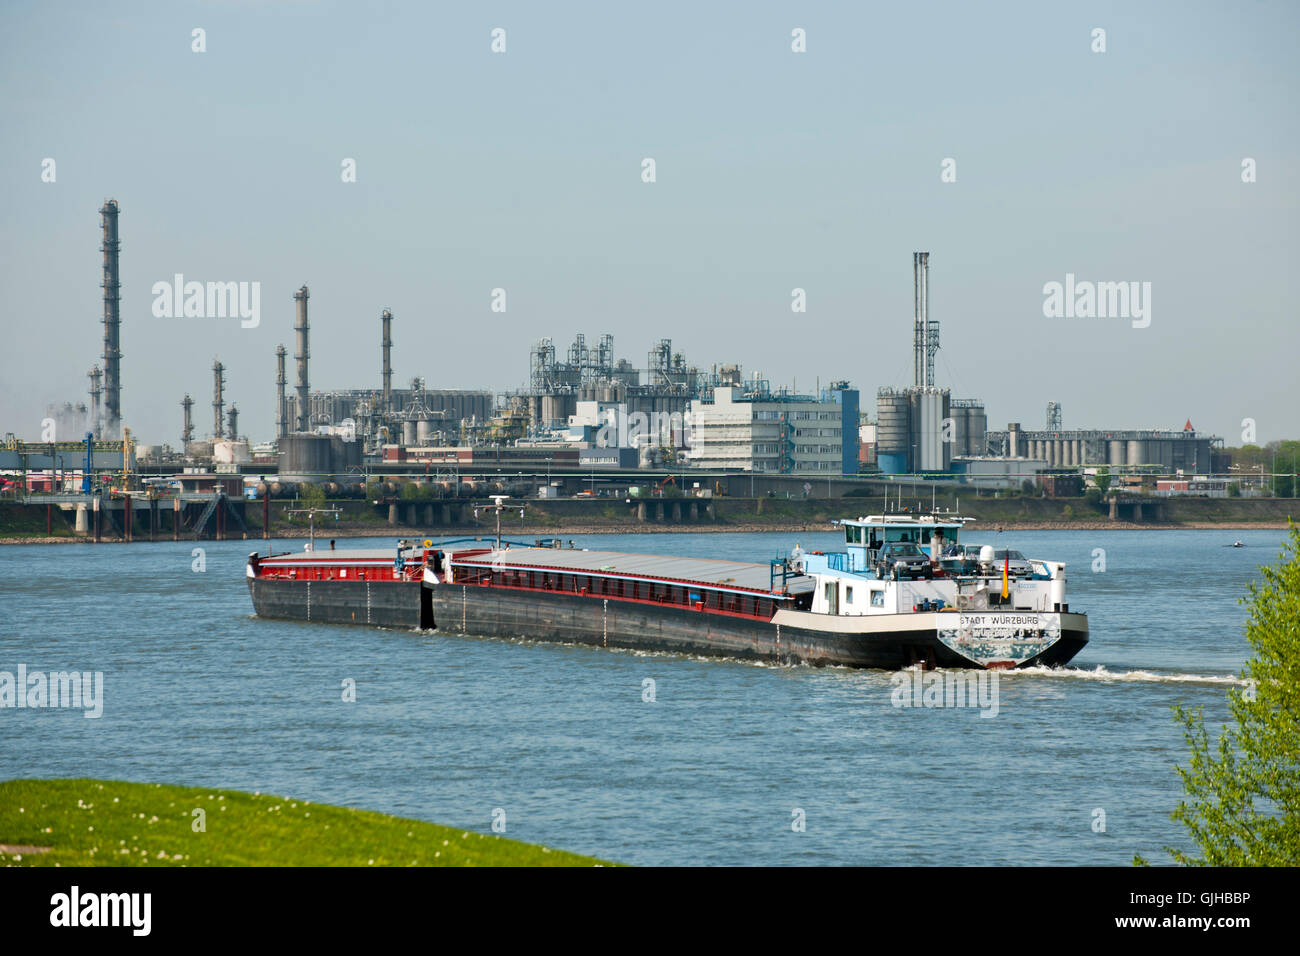 Deutschland, NRW, Wesseling, Blick über den Rhein auf Industrieanlagen Photo Stock